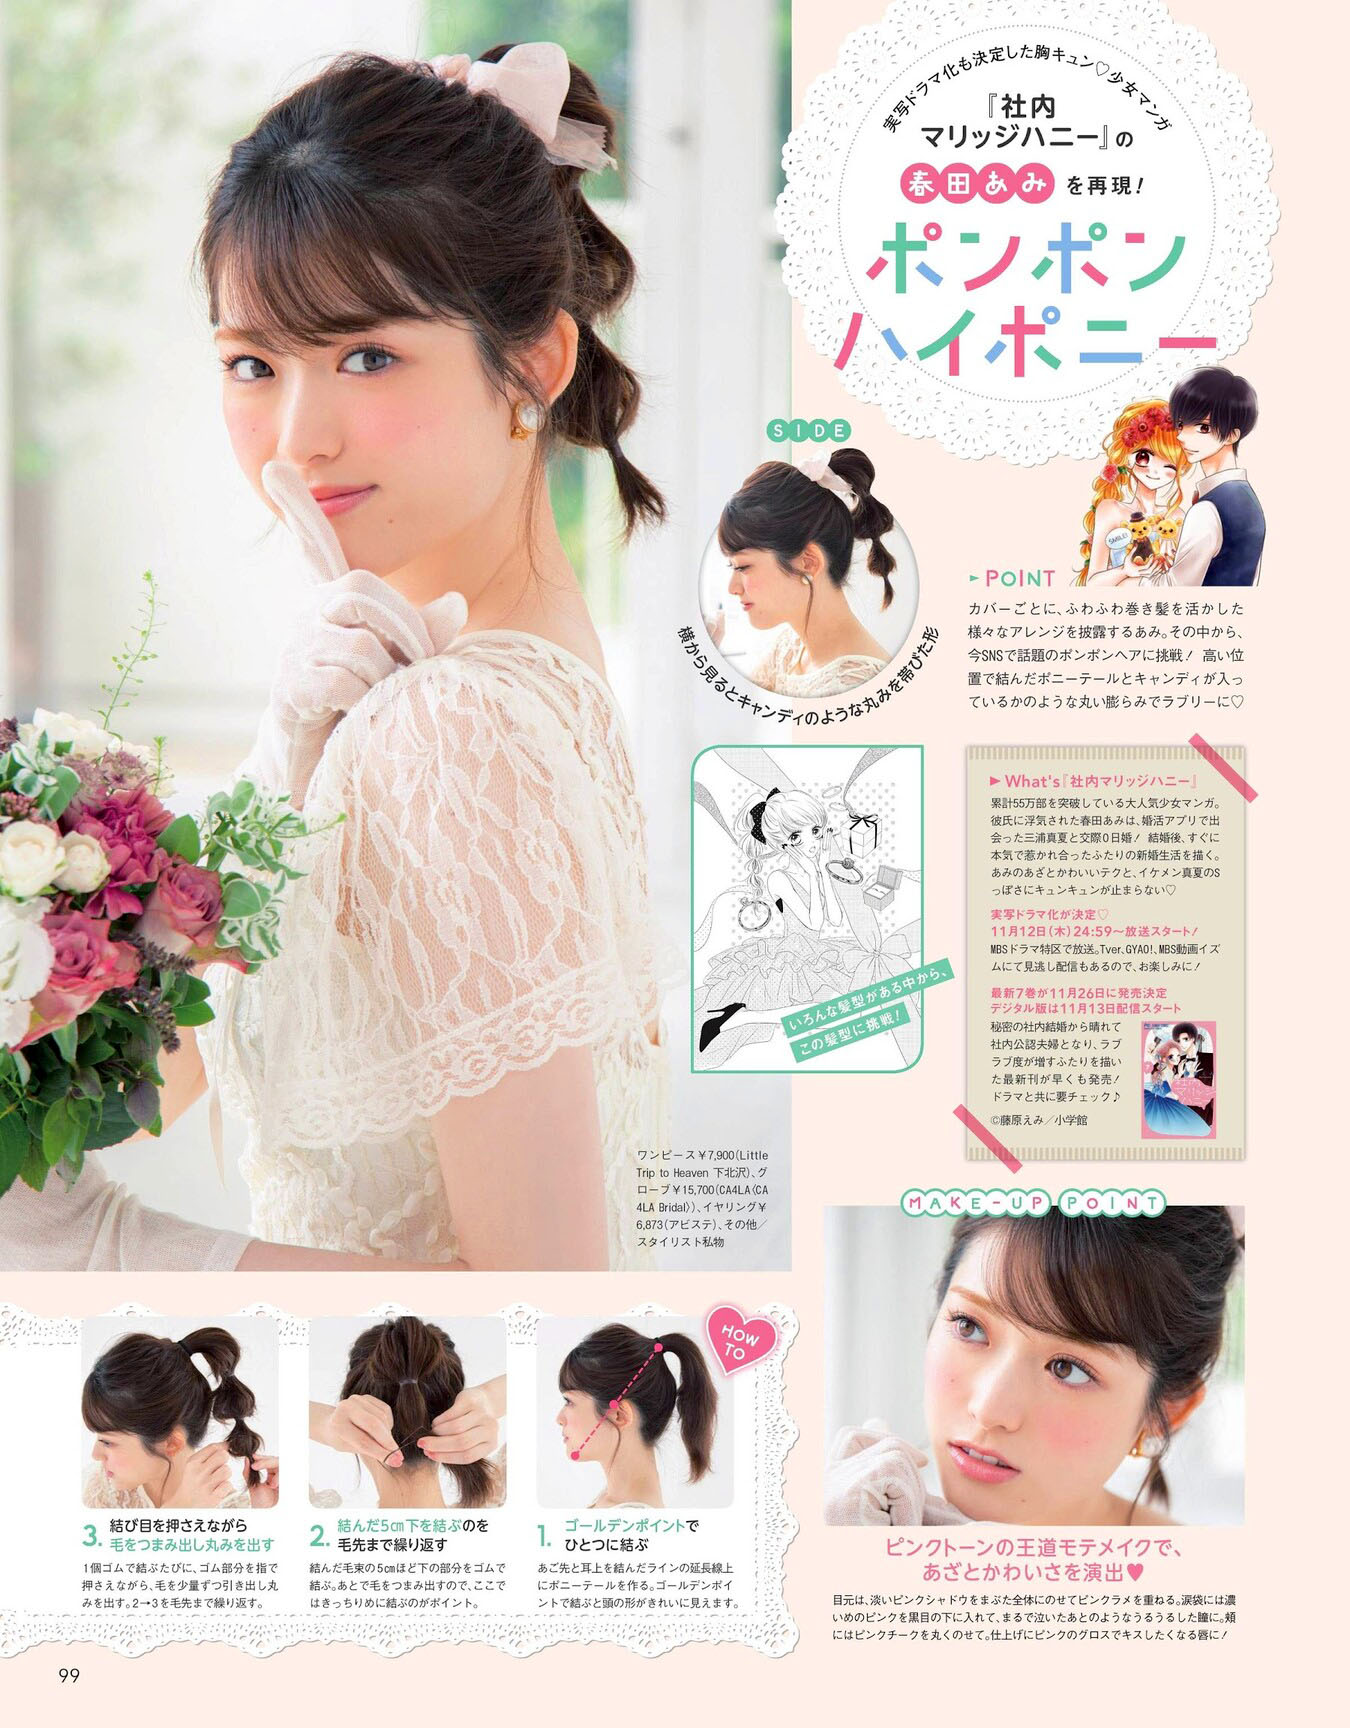 SMatsumura CanCam 2012 06.jpg